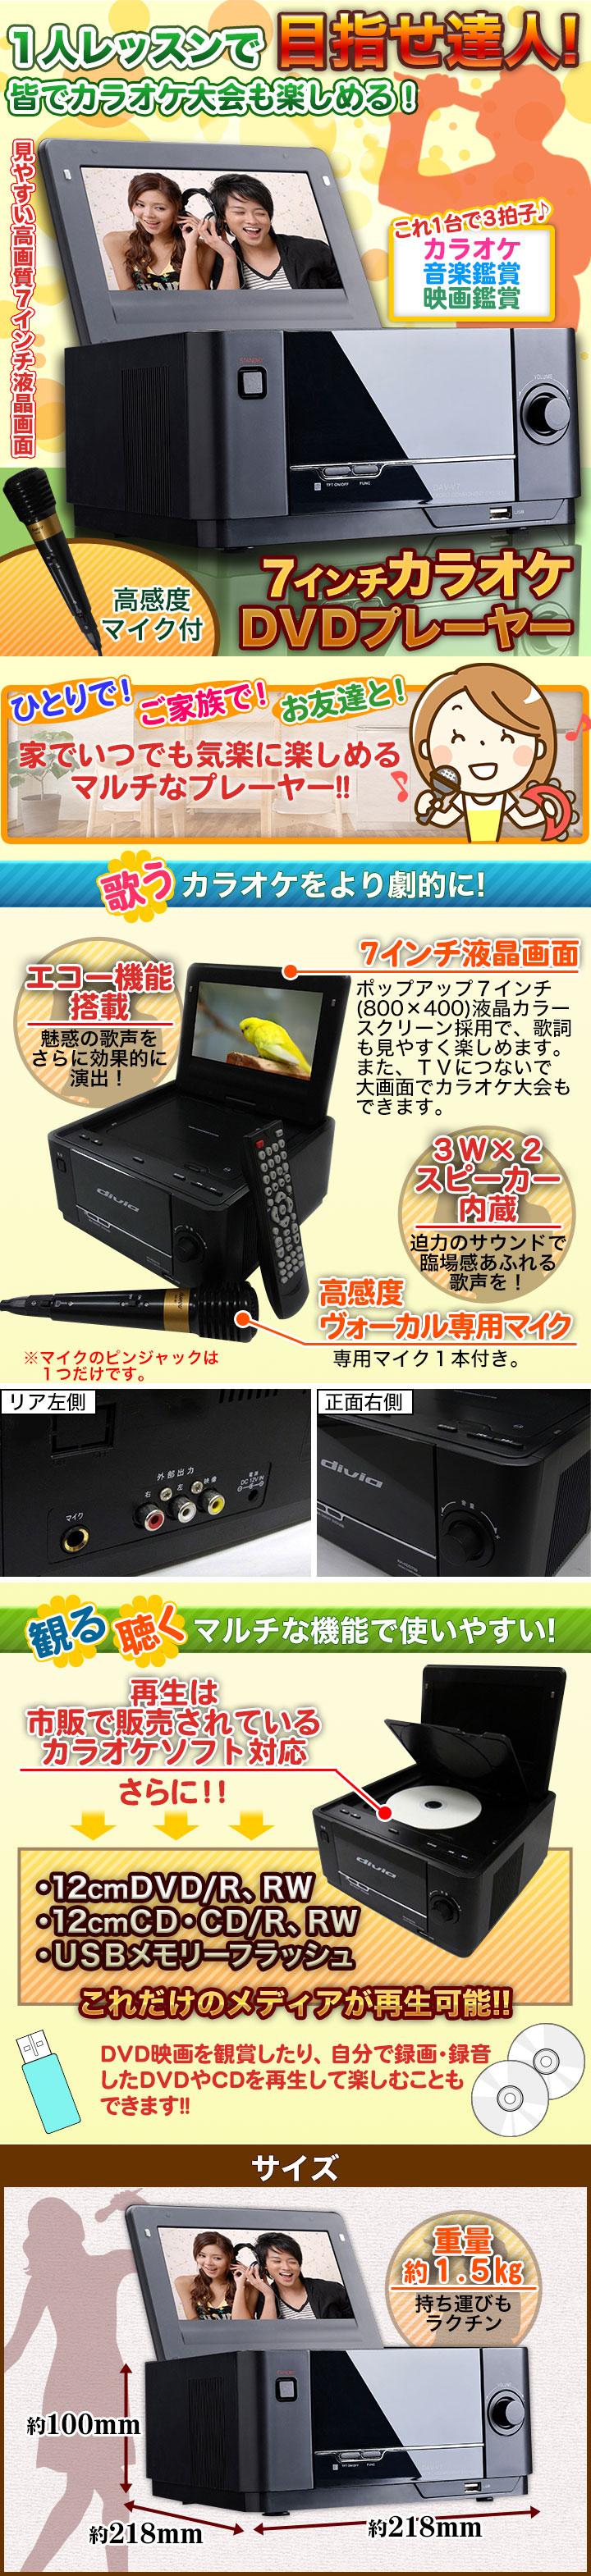 特徴:カラー7インチディスプレイ搭載カラオケDVDプレーヤー